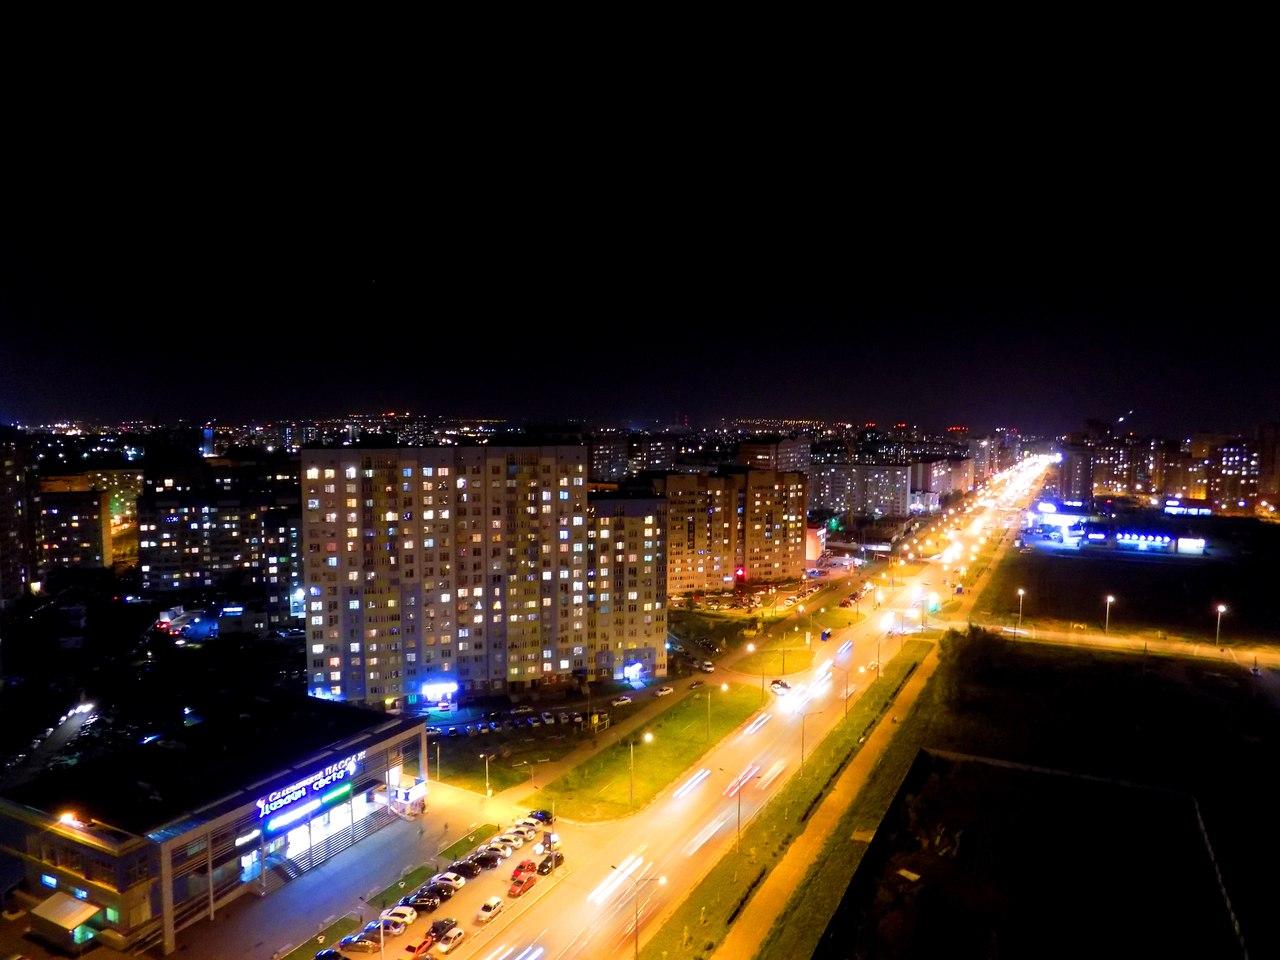 «Мертвый город» (местное название микрорайона на северо-востоке города)